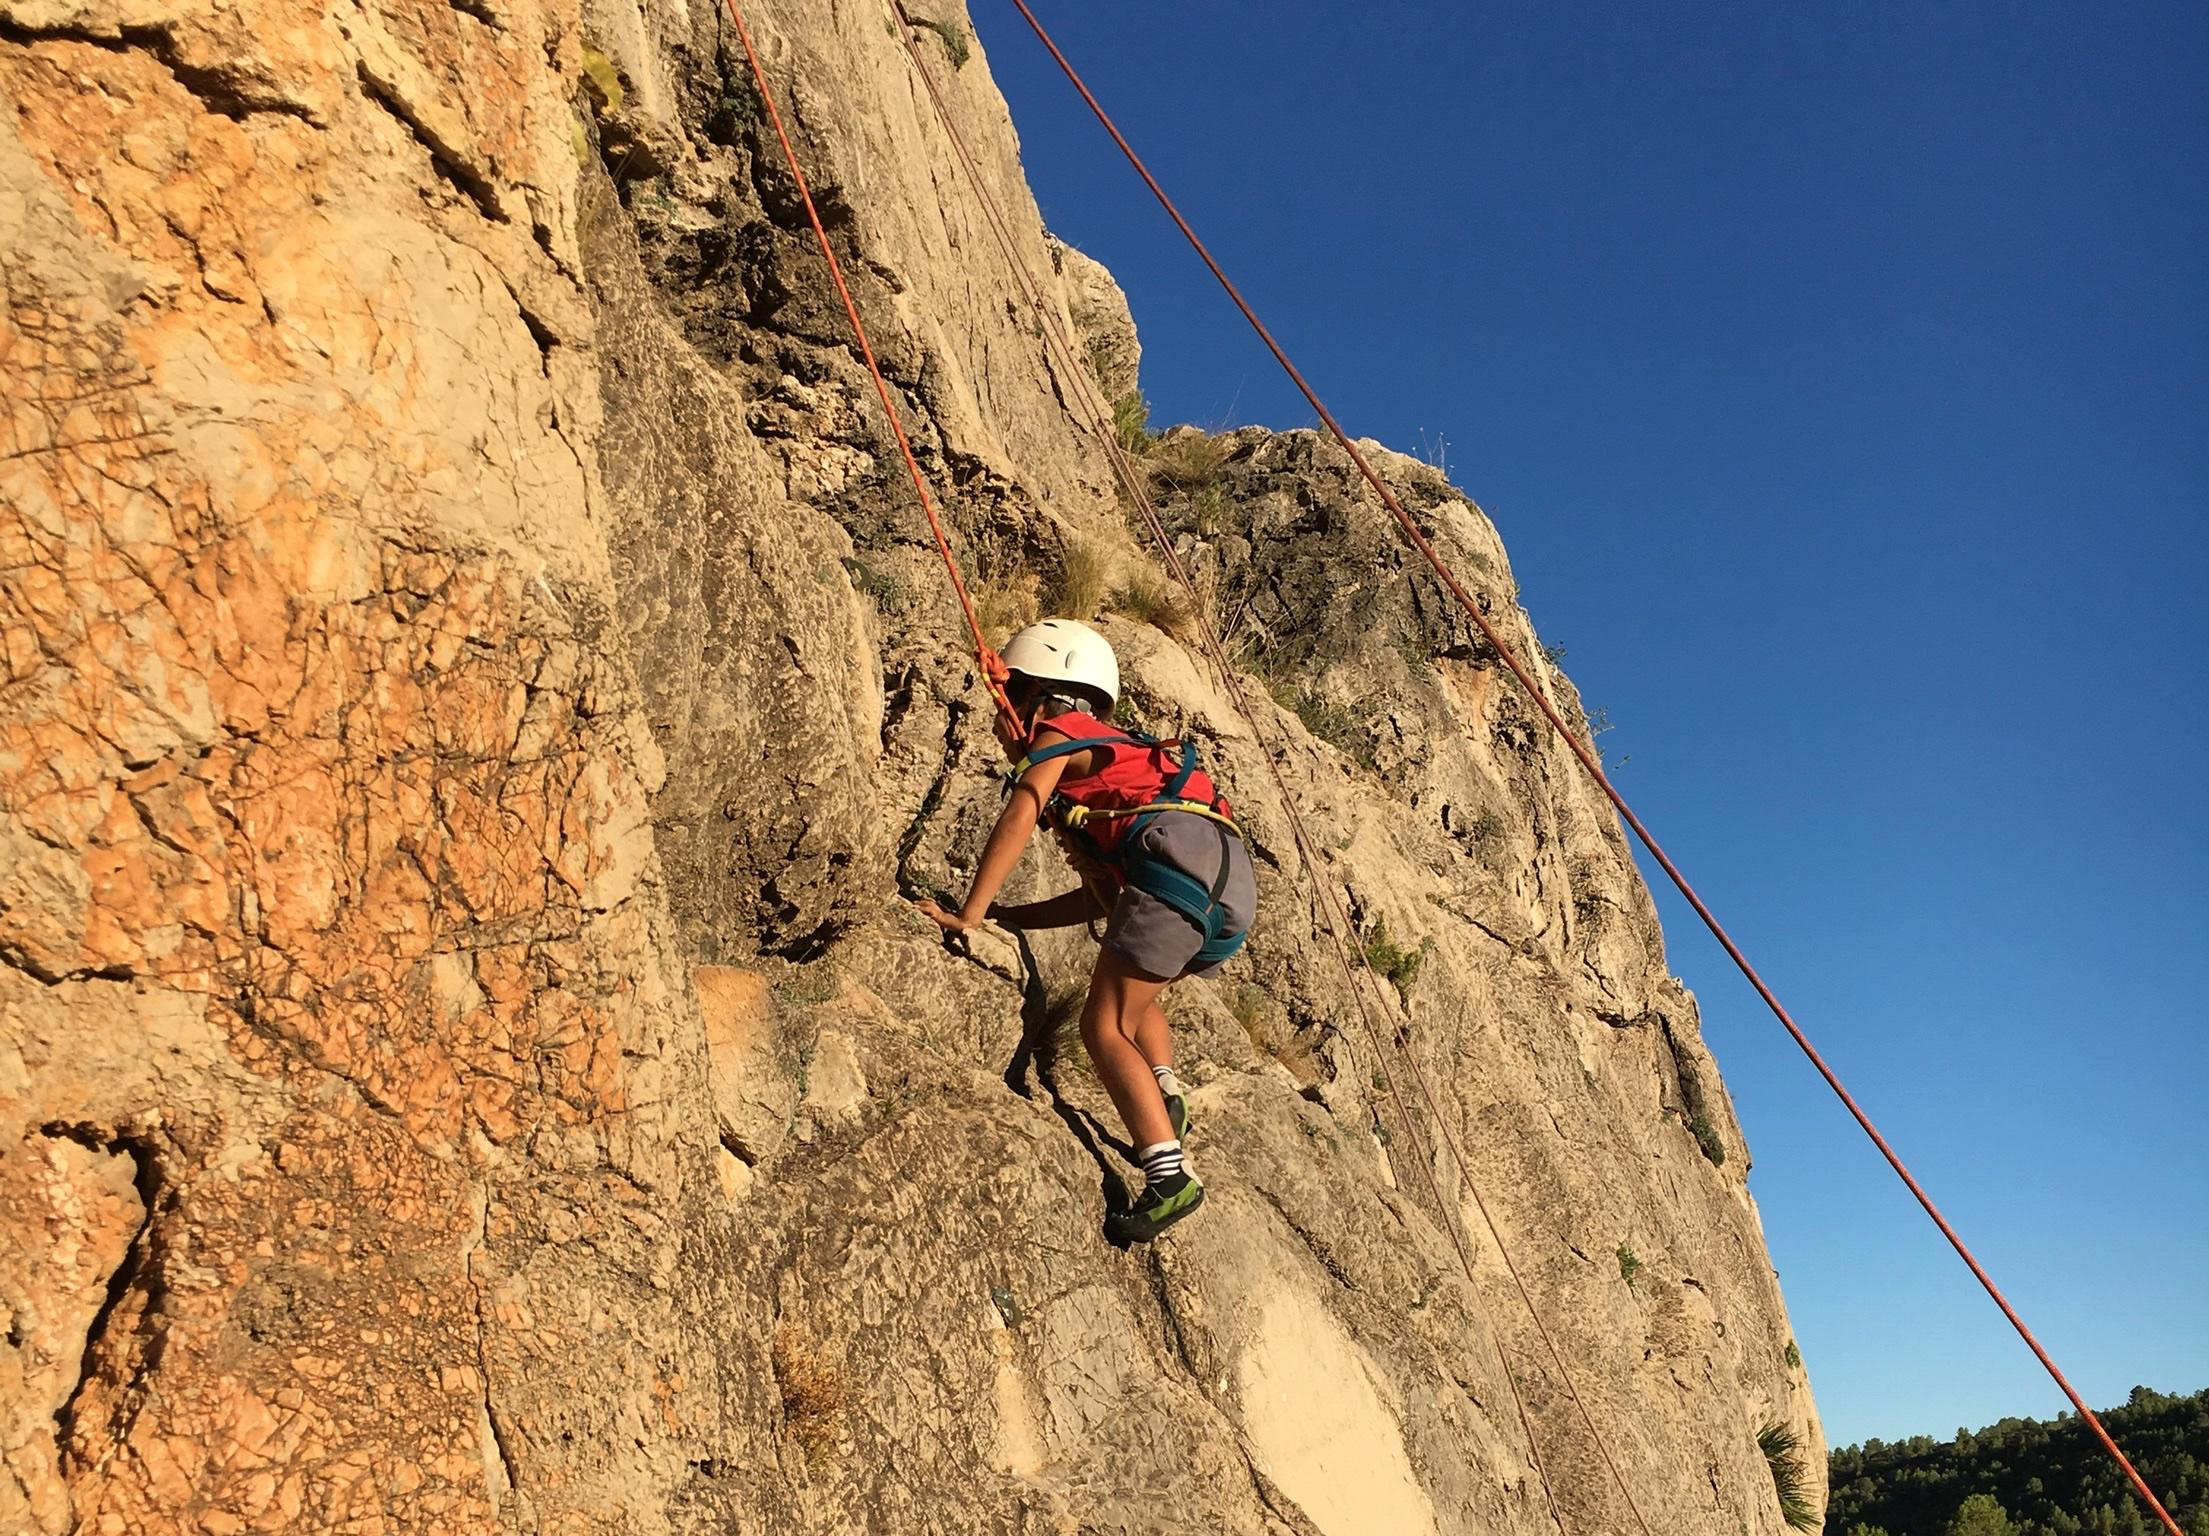 Bautismo de escalada en roca